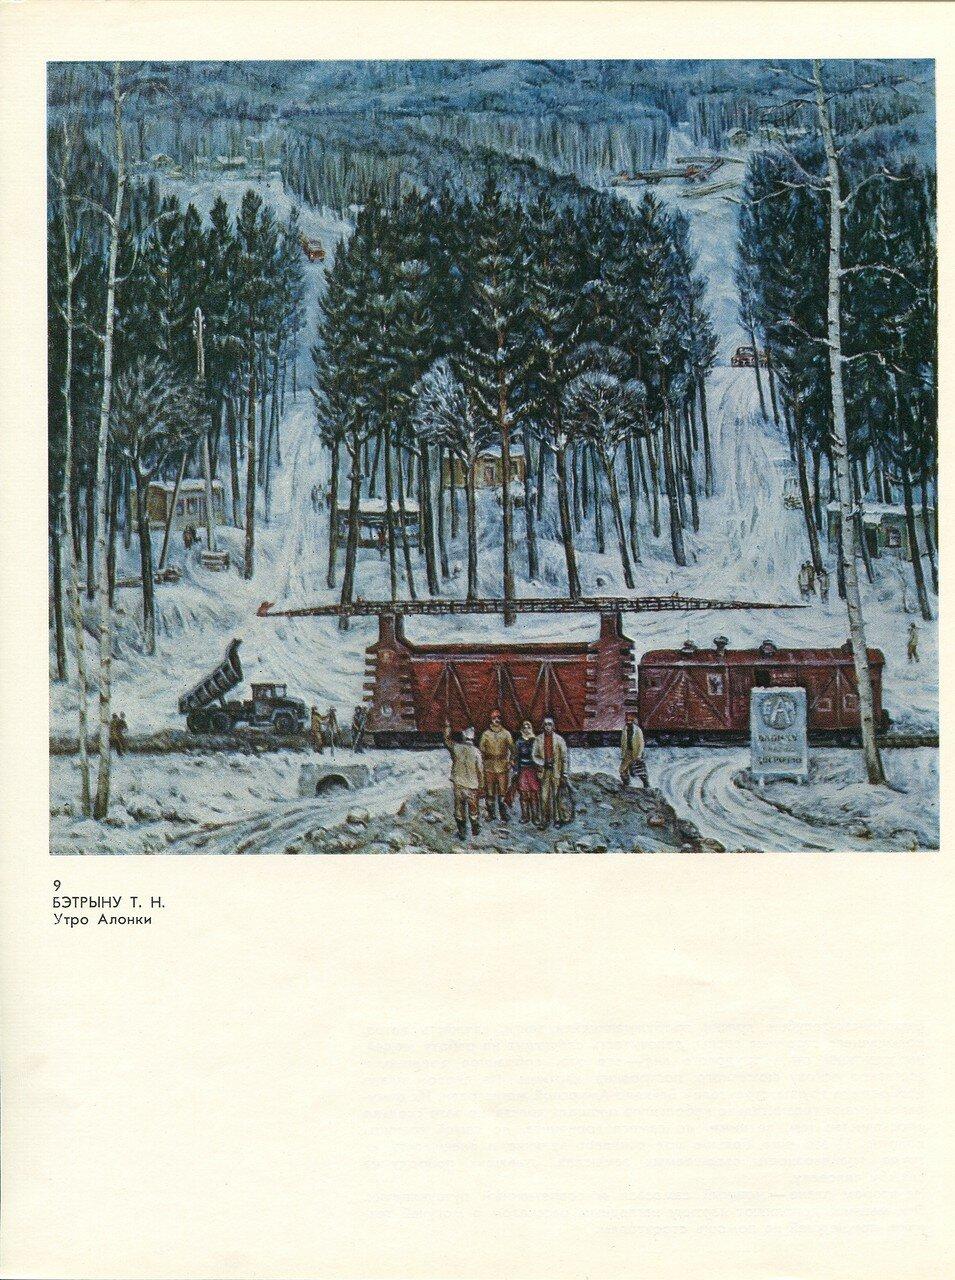 Советская живопись: Наш современник (24 работы) общество, художник, Советский, нового, современник, серии